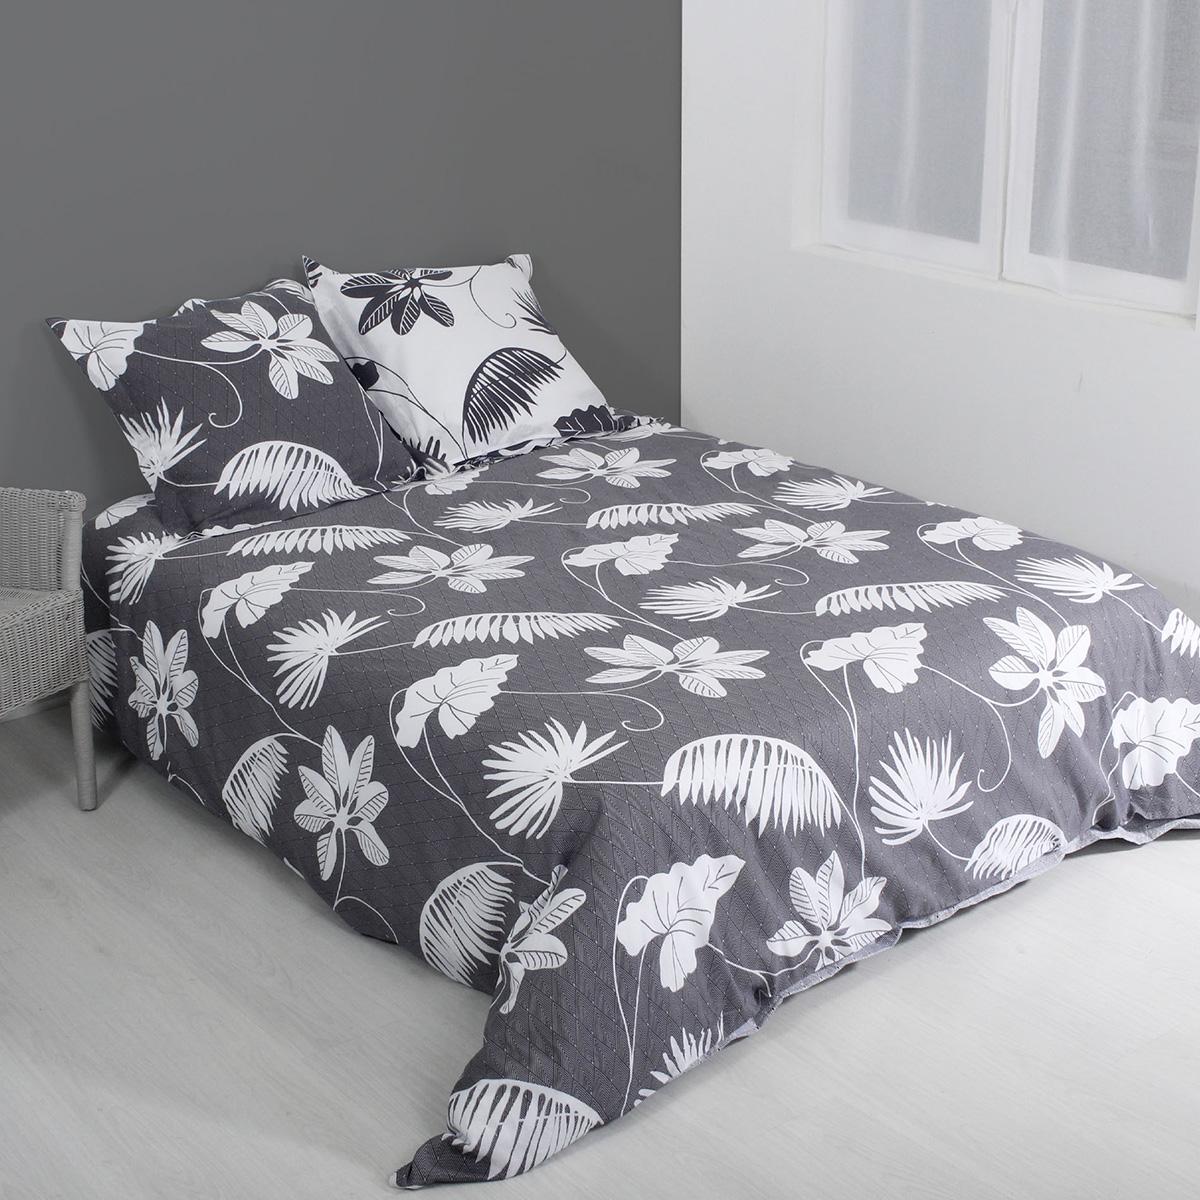 Parure de couette aux feuillages tropicaux - Gris - 240 x 220 cm + 2 T